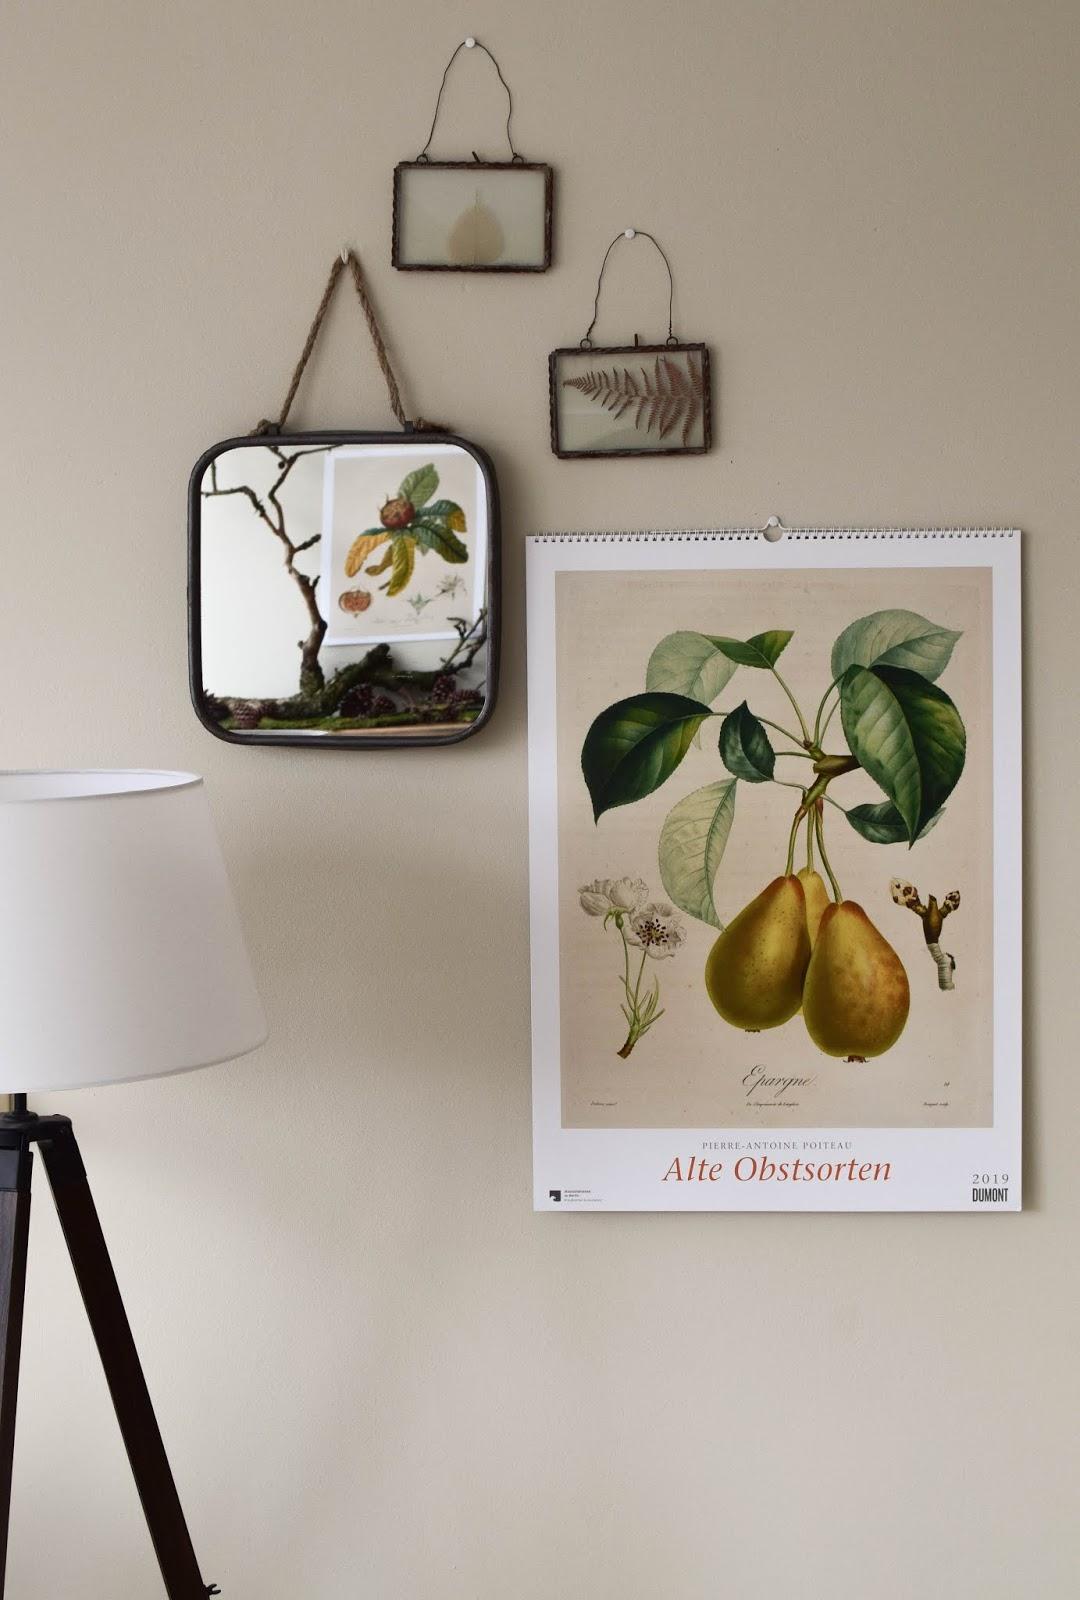 Kalender 2019 mit botanischen Zeichnungen Drucke Poster Deko Dekoidee Wanddeko von DUMONT teNeues Alte Obstsorten